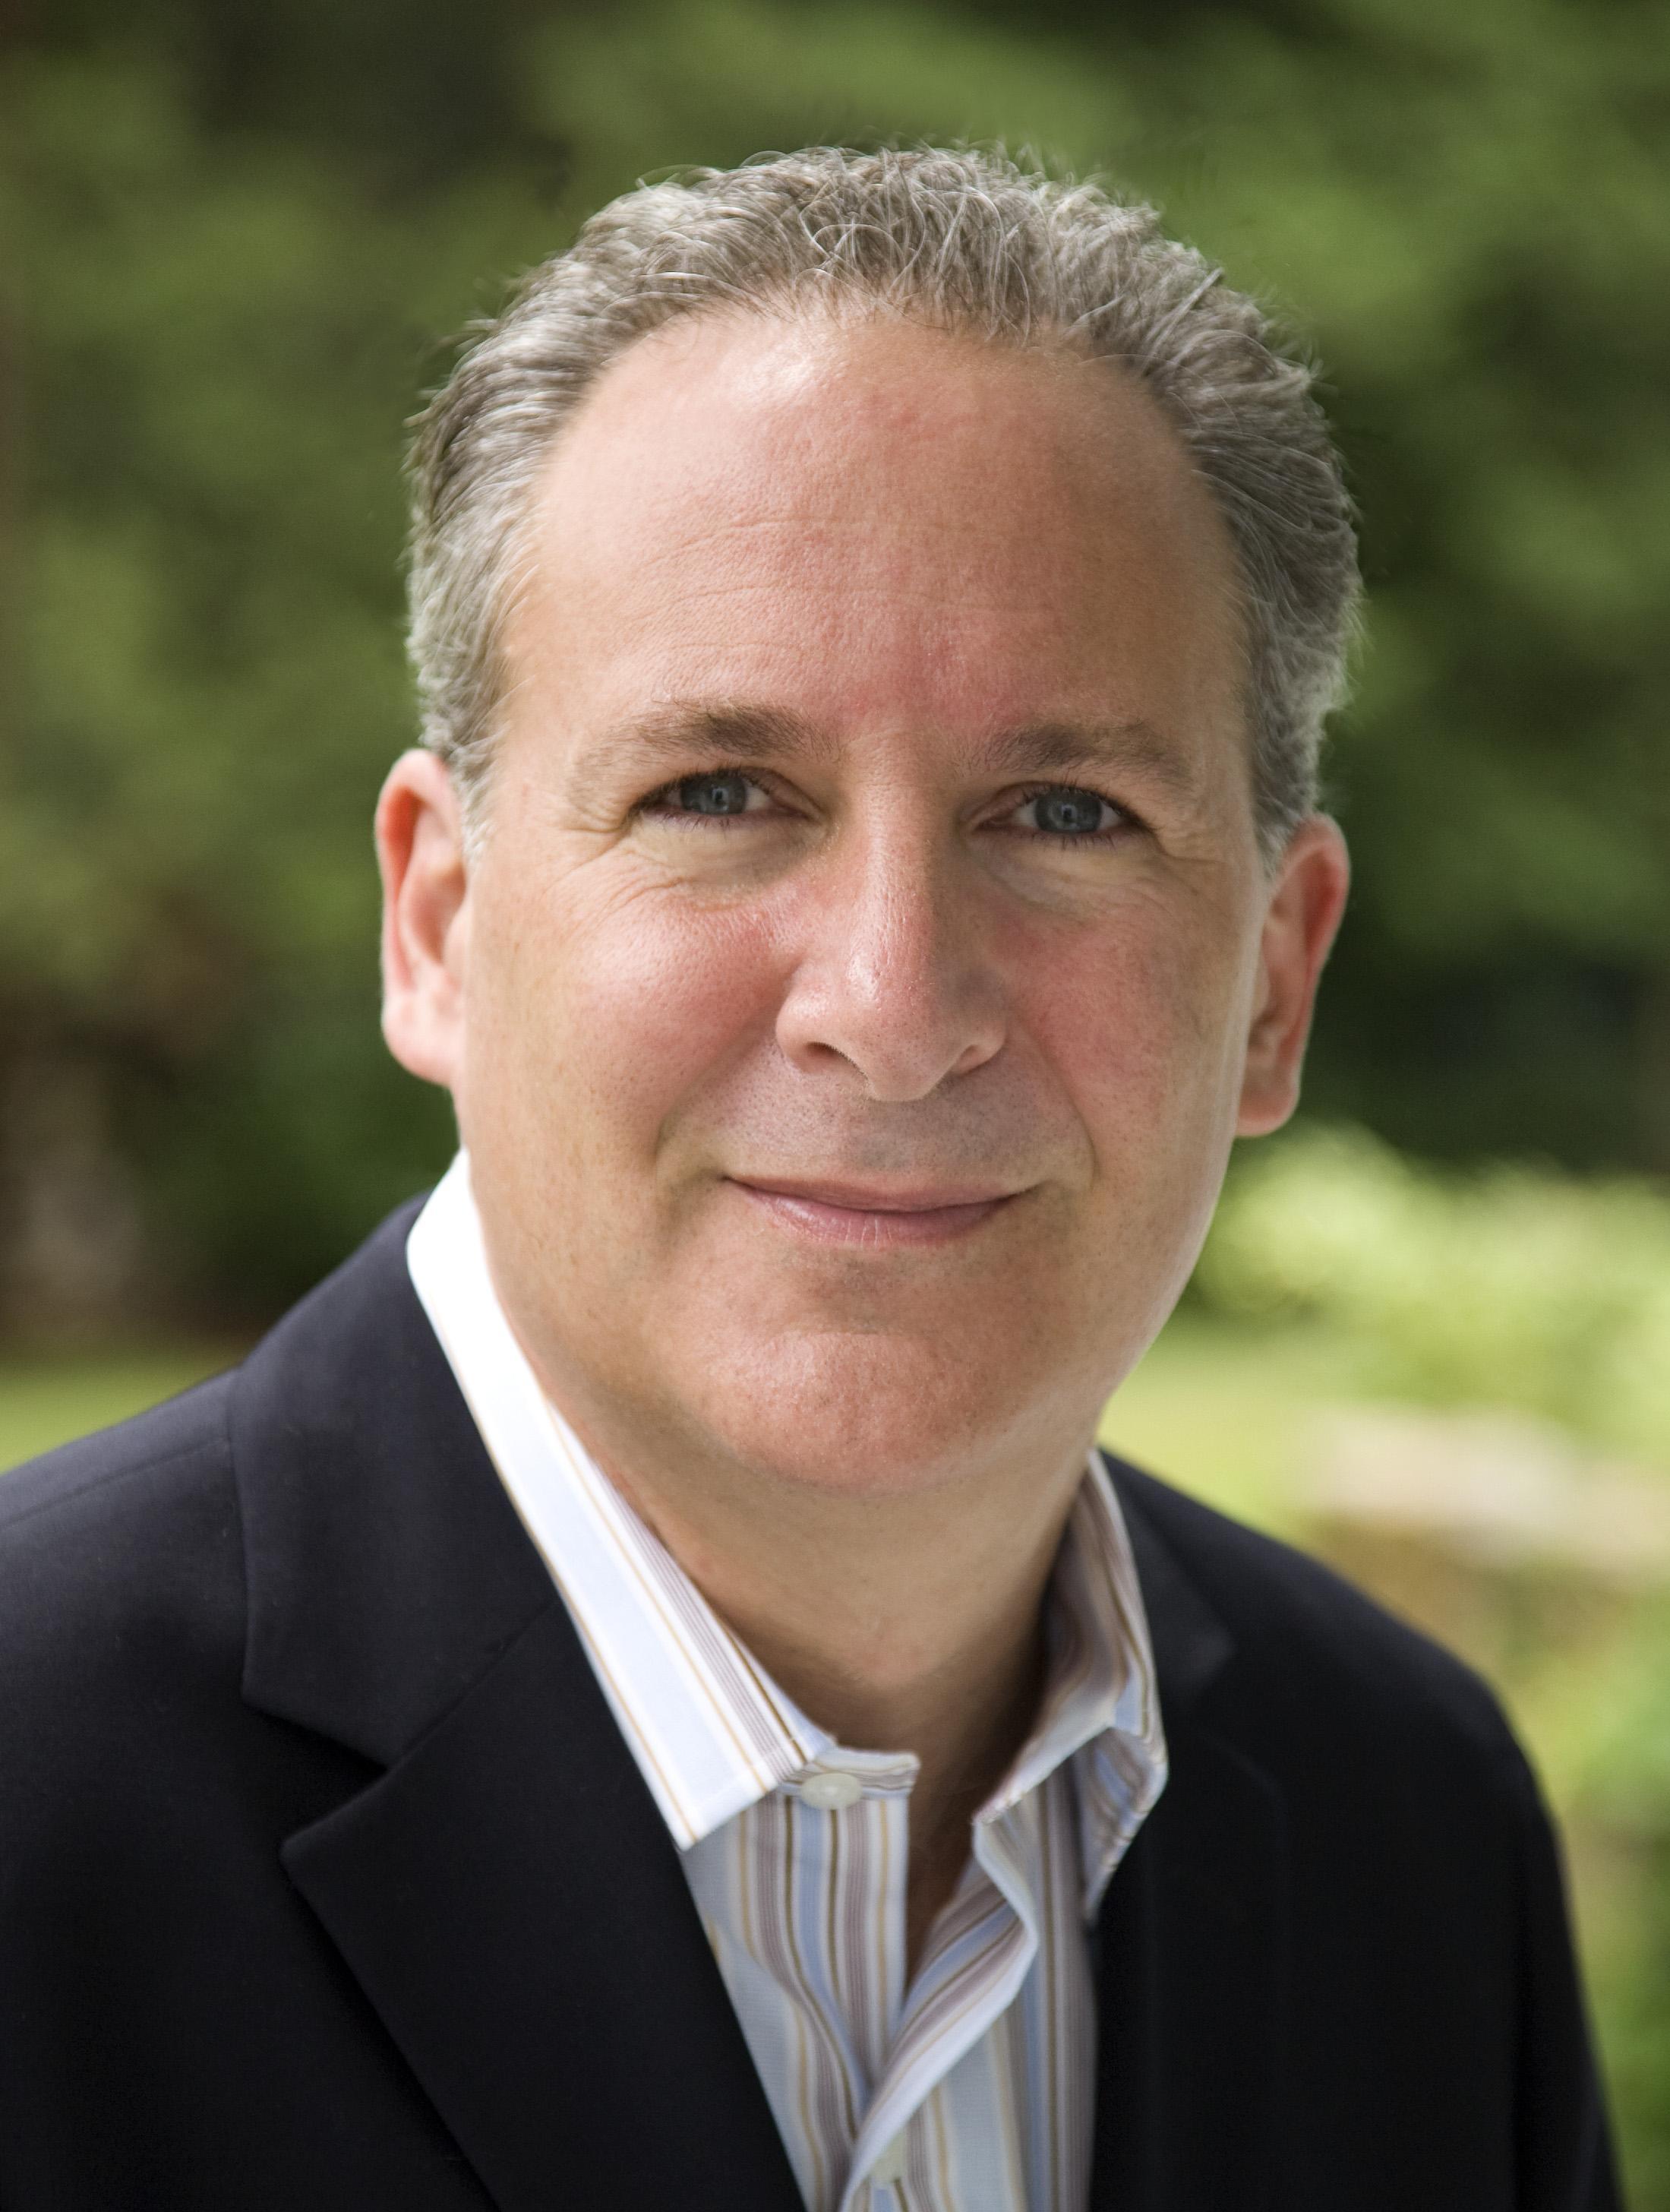 Egyesült Államok egyik legismertebb befektetőguruja, a republikánus jobboldalhoz tartozó Peter Schiff; Forrás: http://www.privatvagyonkezeles.hu; Conclude Zrt.